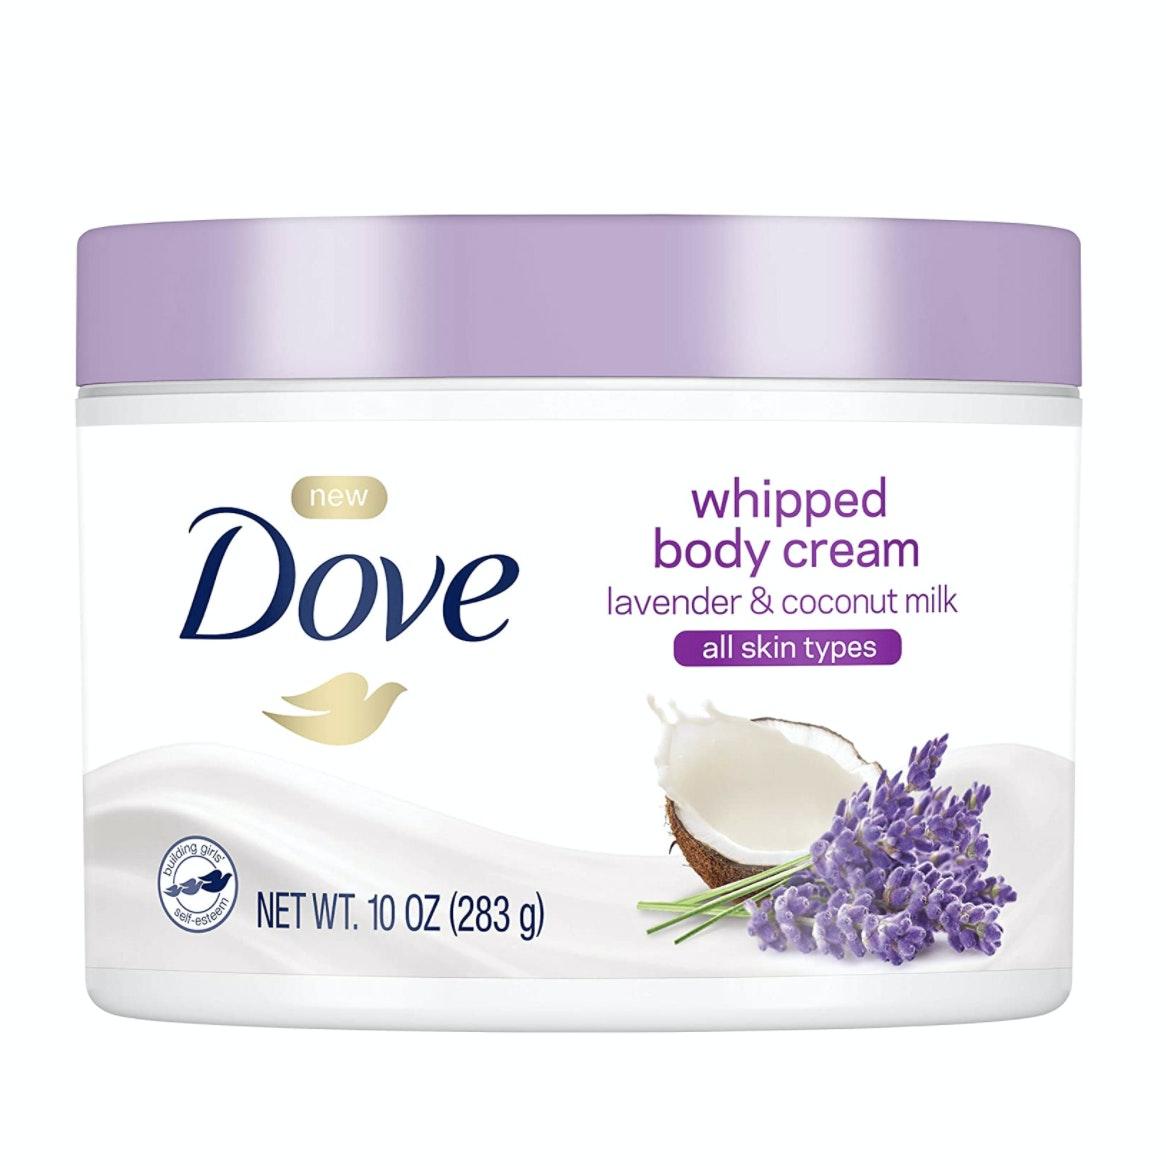 Dove® Whipped Lavender & Coconut Milk Body Cream